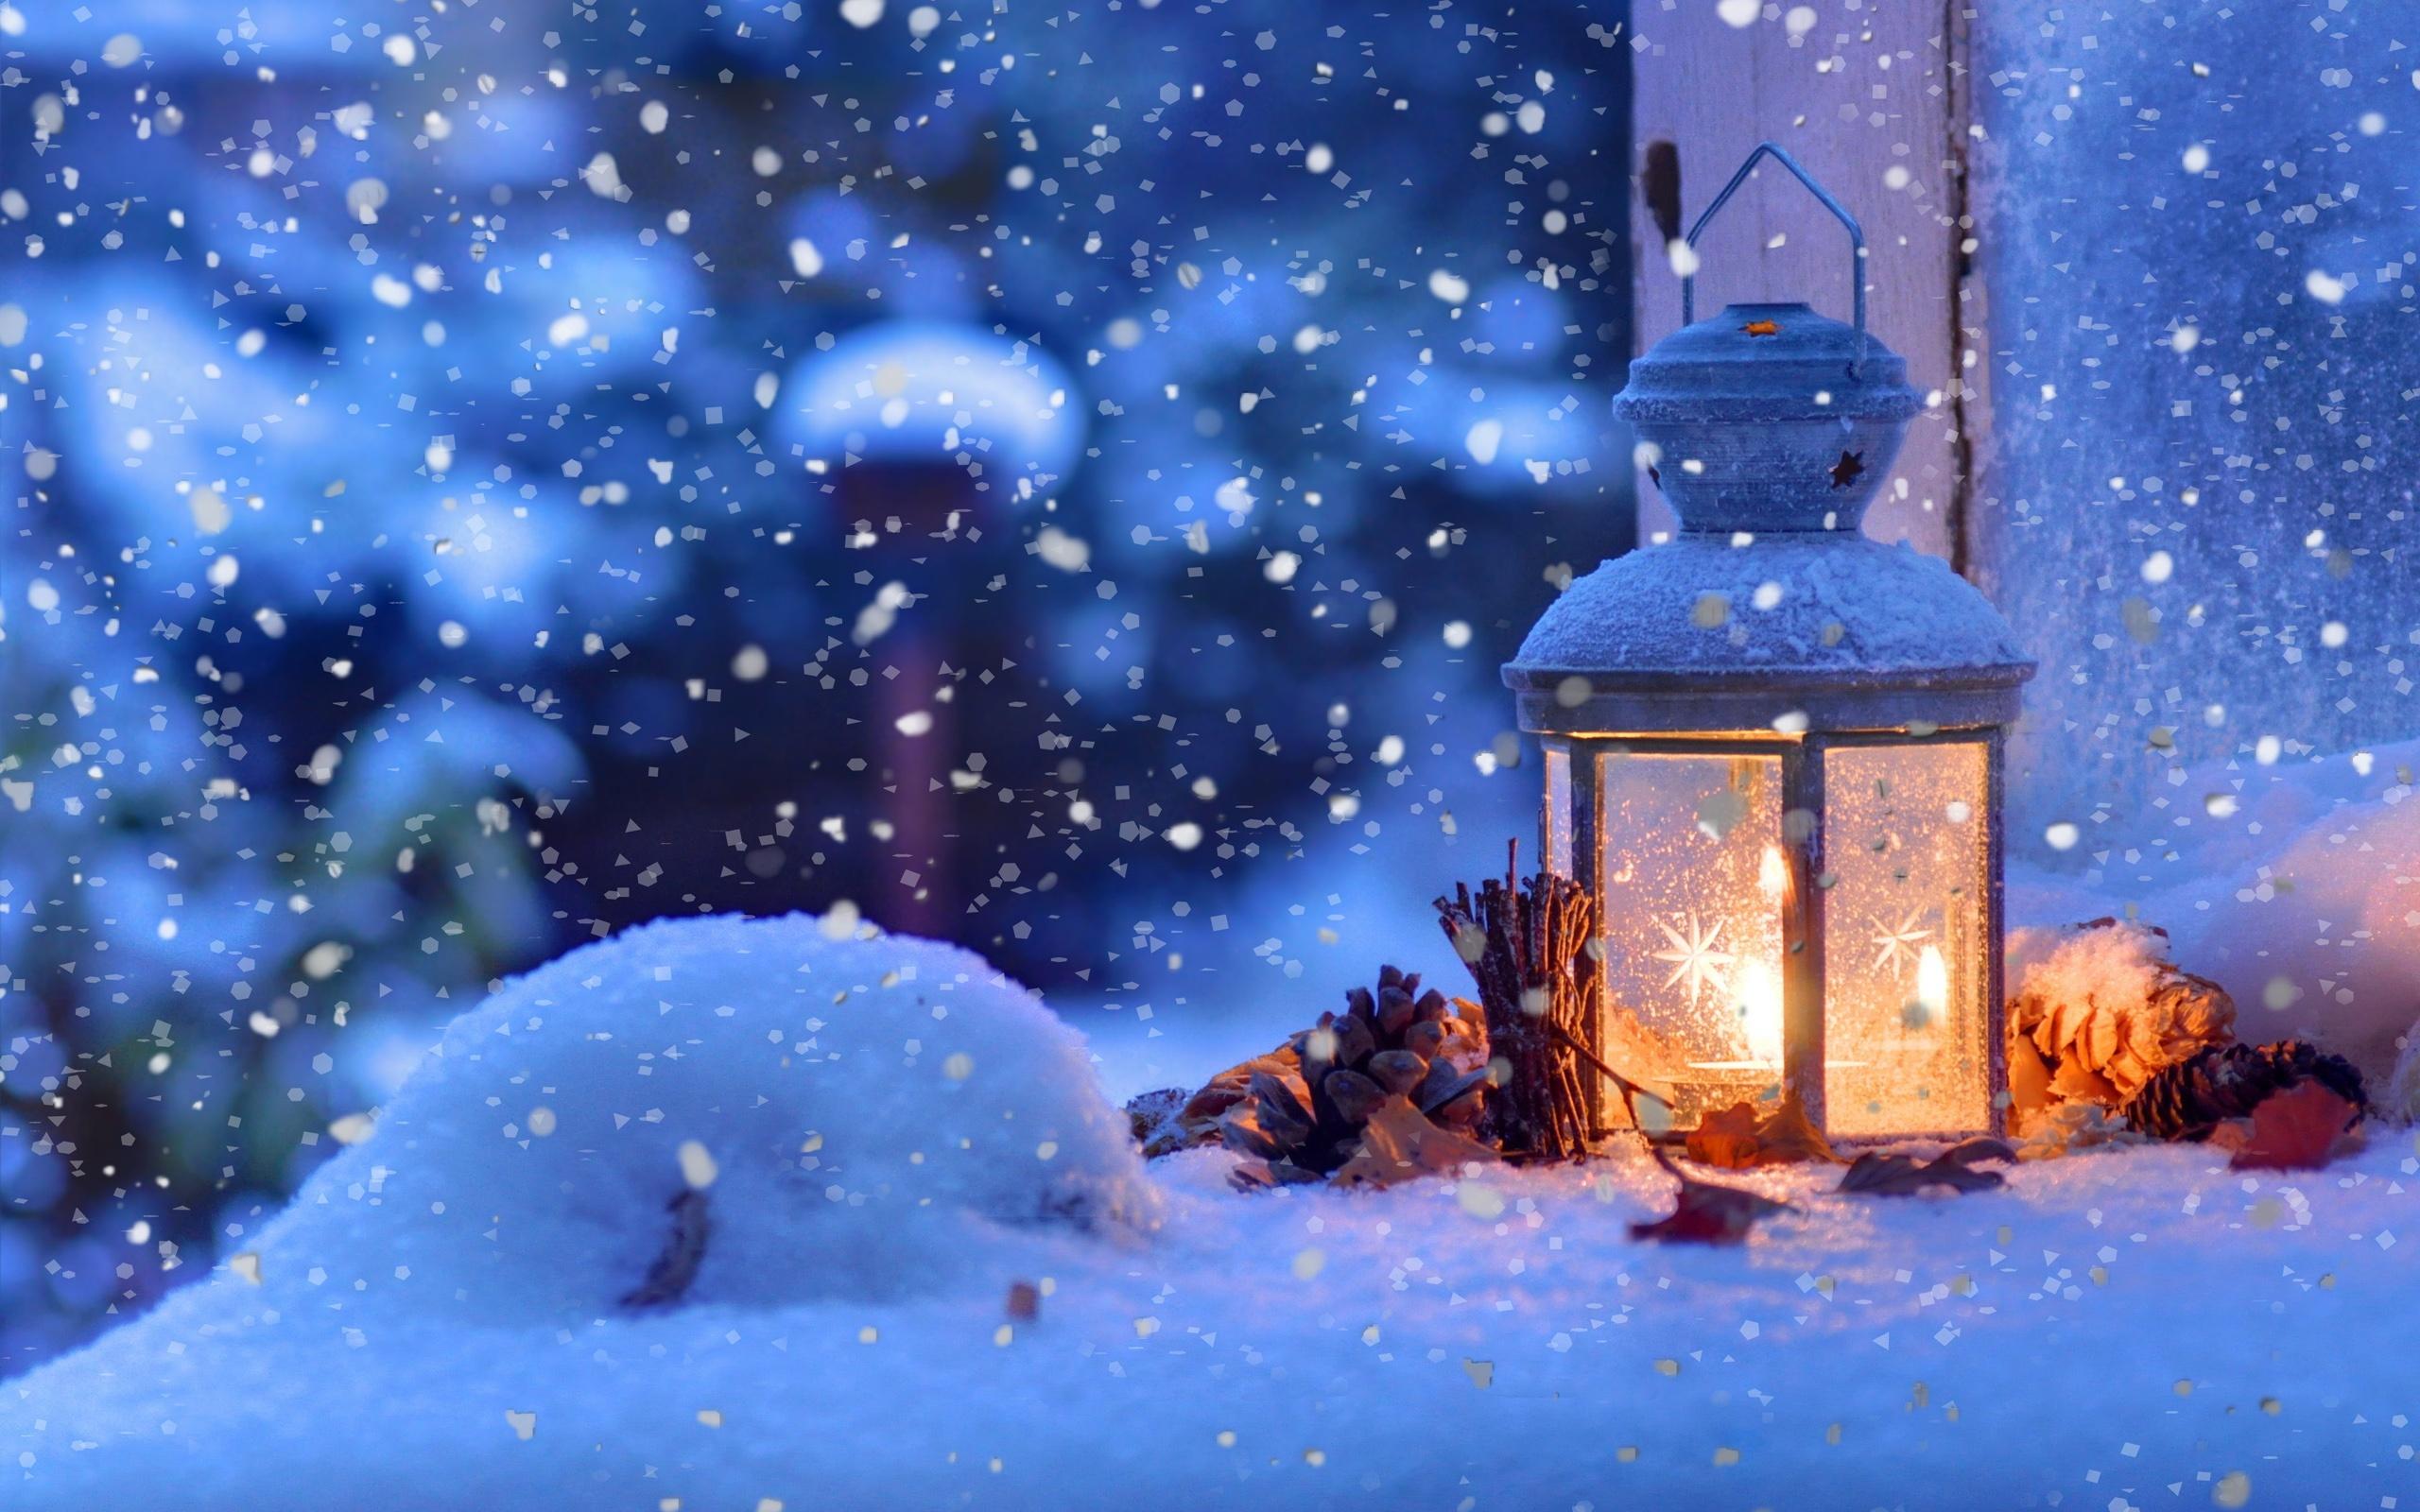 Weihnachten Schnee Winter, Licht, Schneeflocken 2560x1600 HD ...